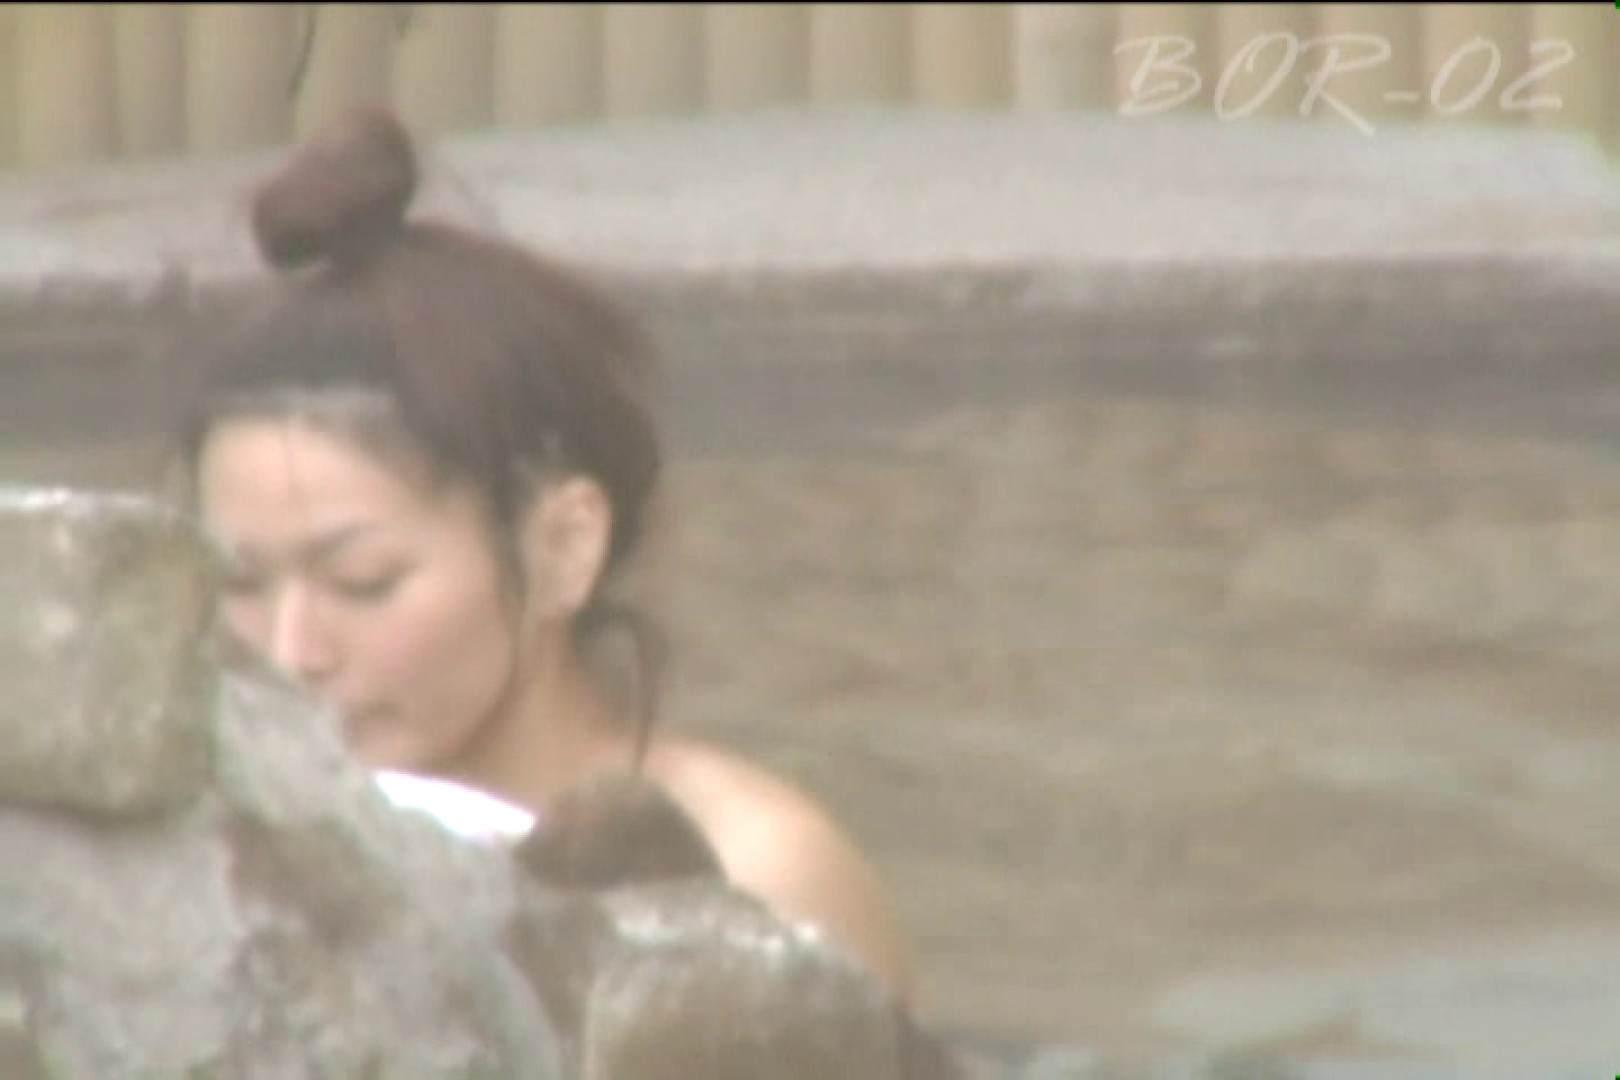 Aquaな露天風呂Vol.479 盗撮師作品 セックス無修正動画無料 92pic 47